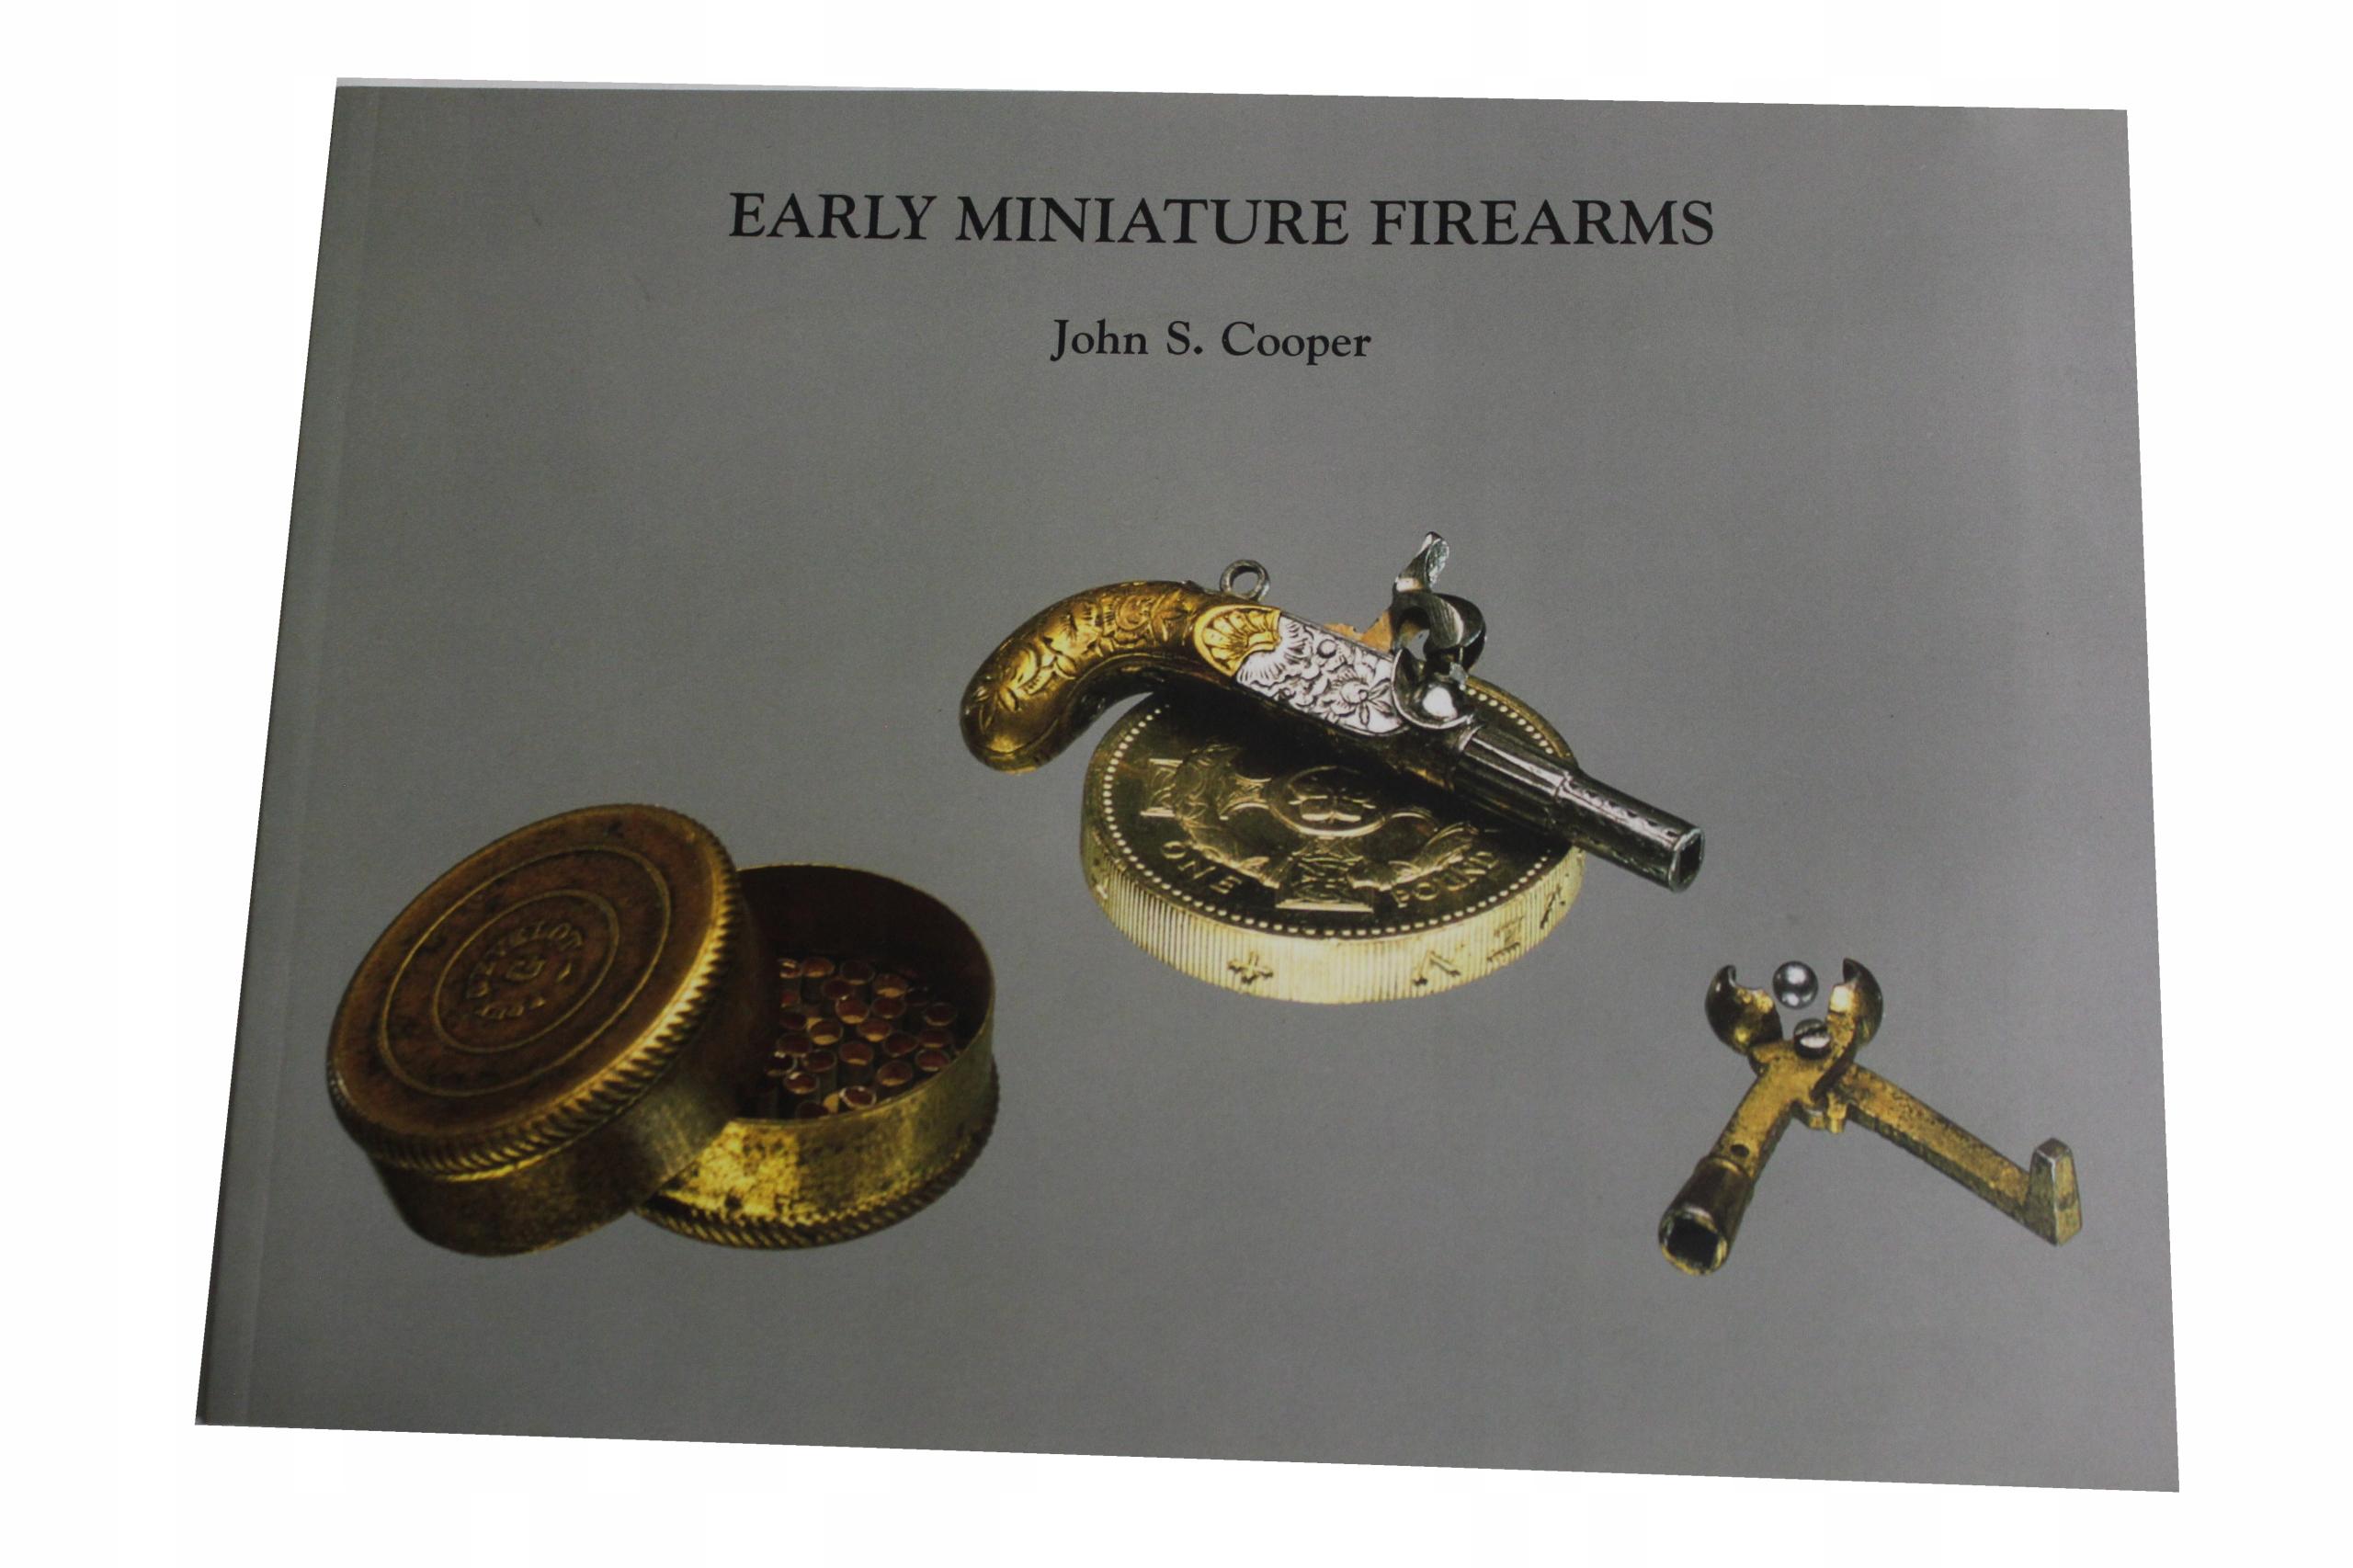 John S. Cooper - Early Miniature Firearms